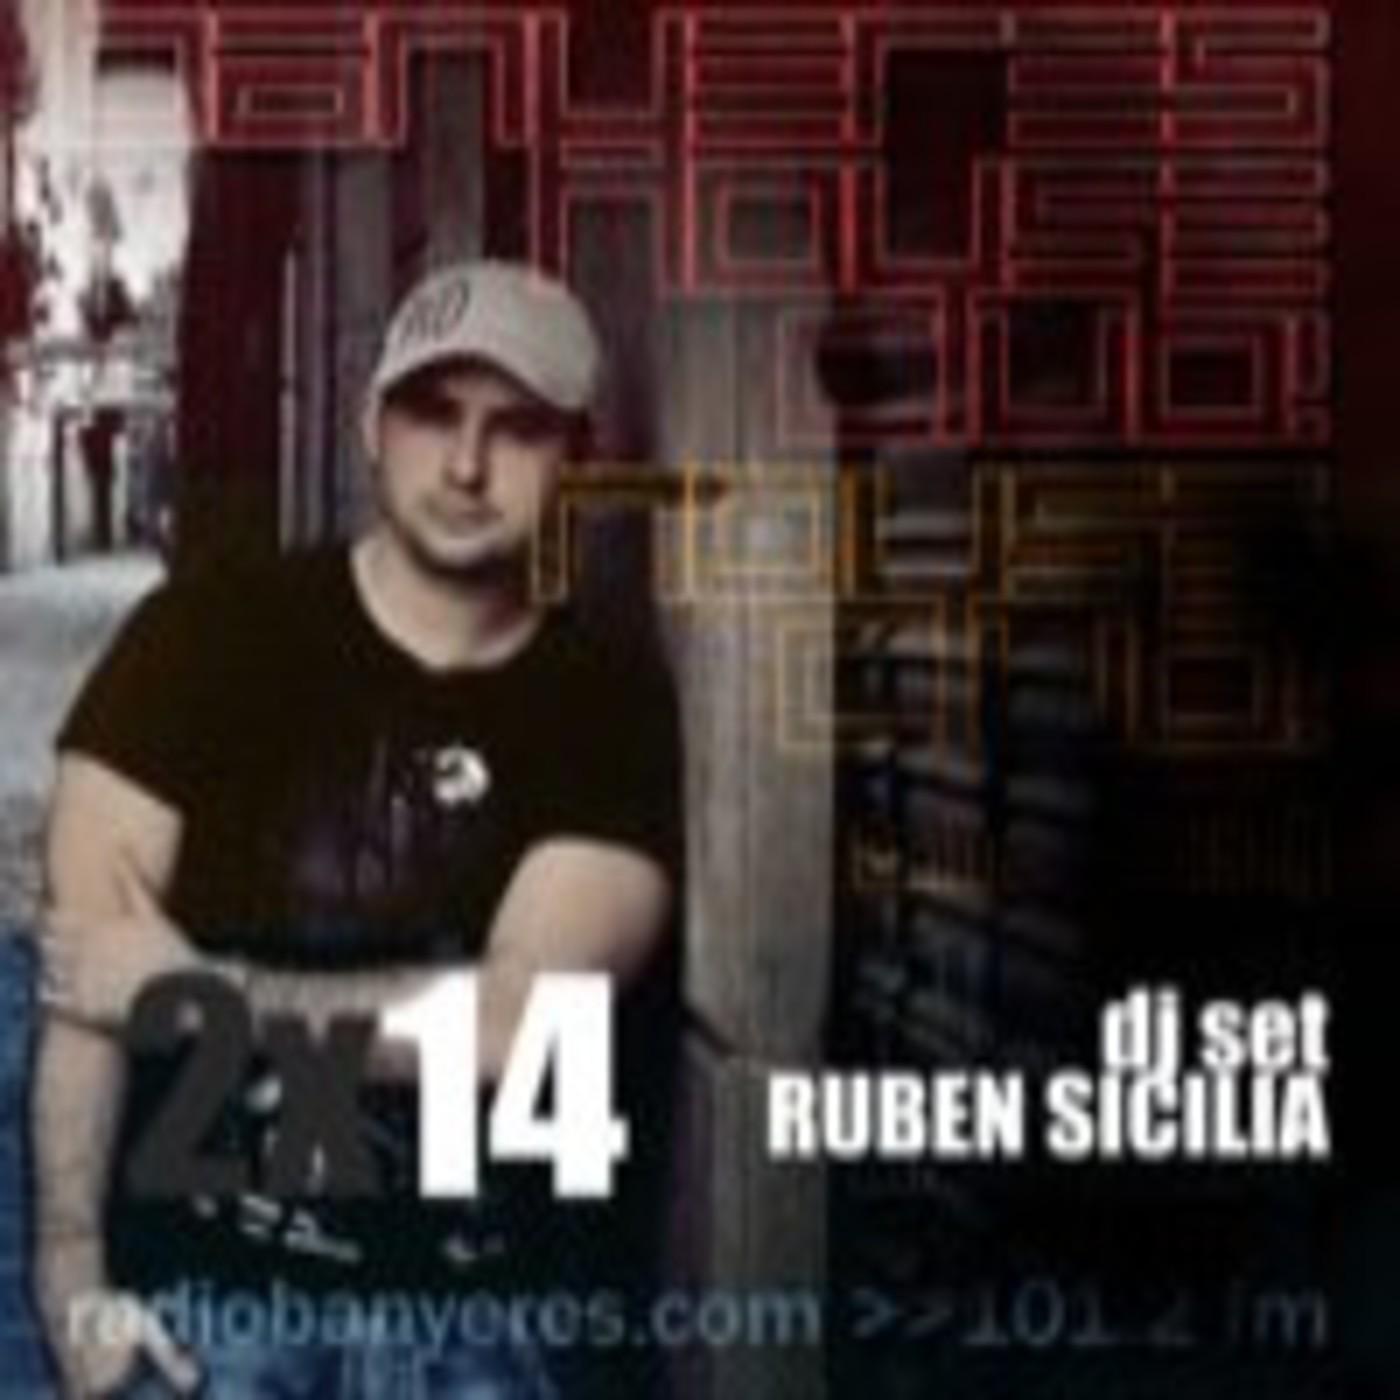 BHC2x14 - 06/12/2014 Ruben Sicilia dj set